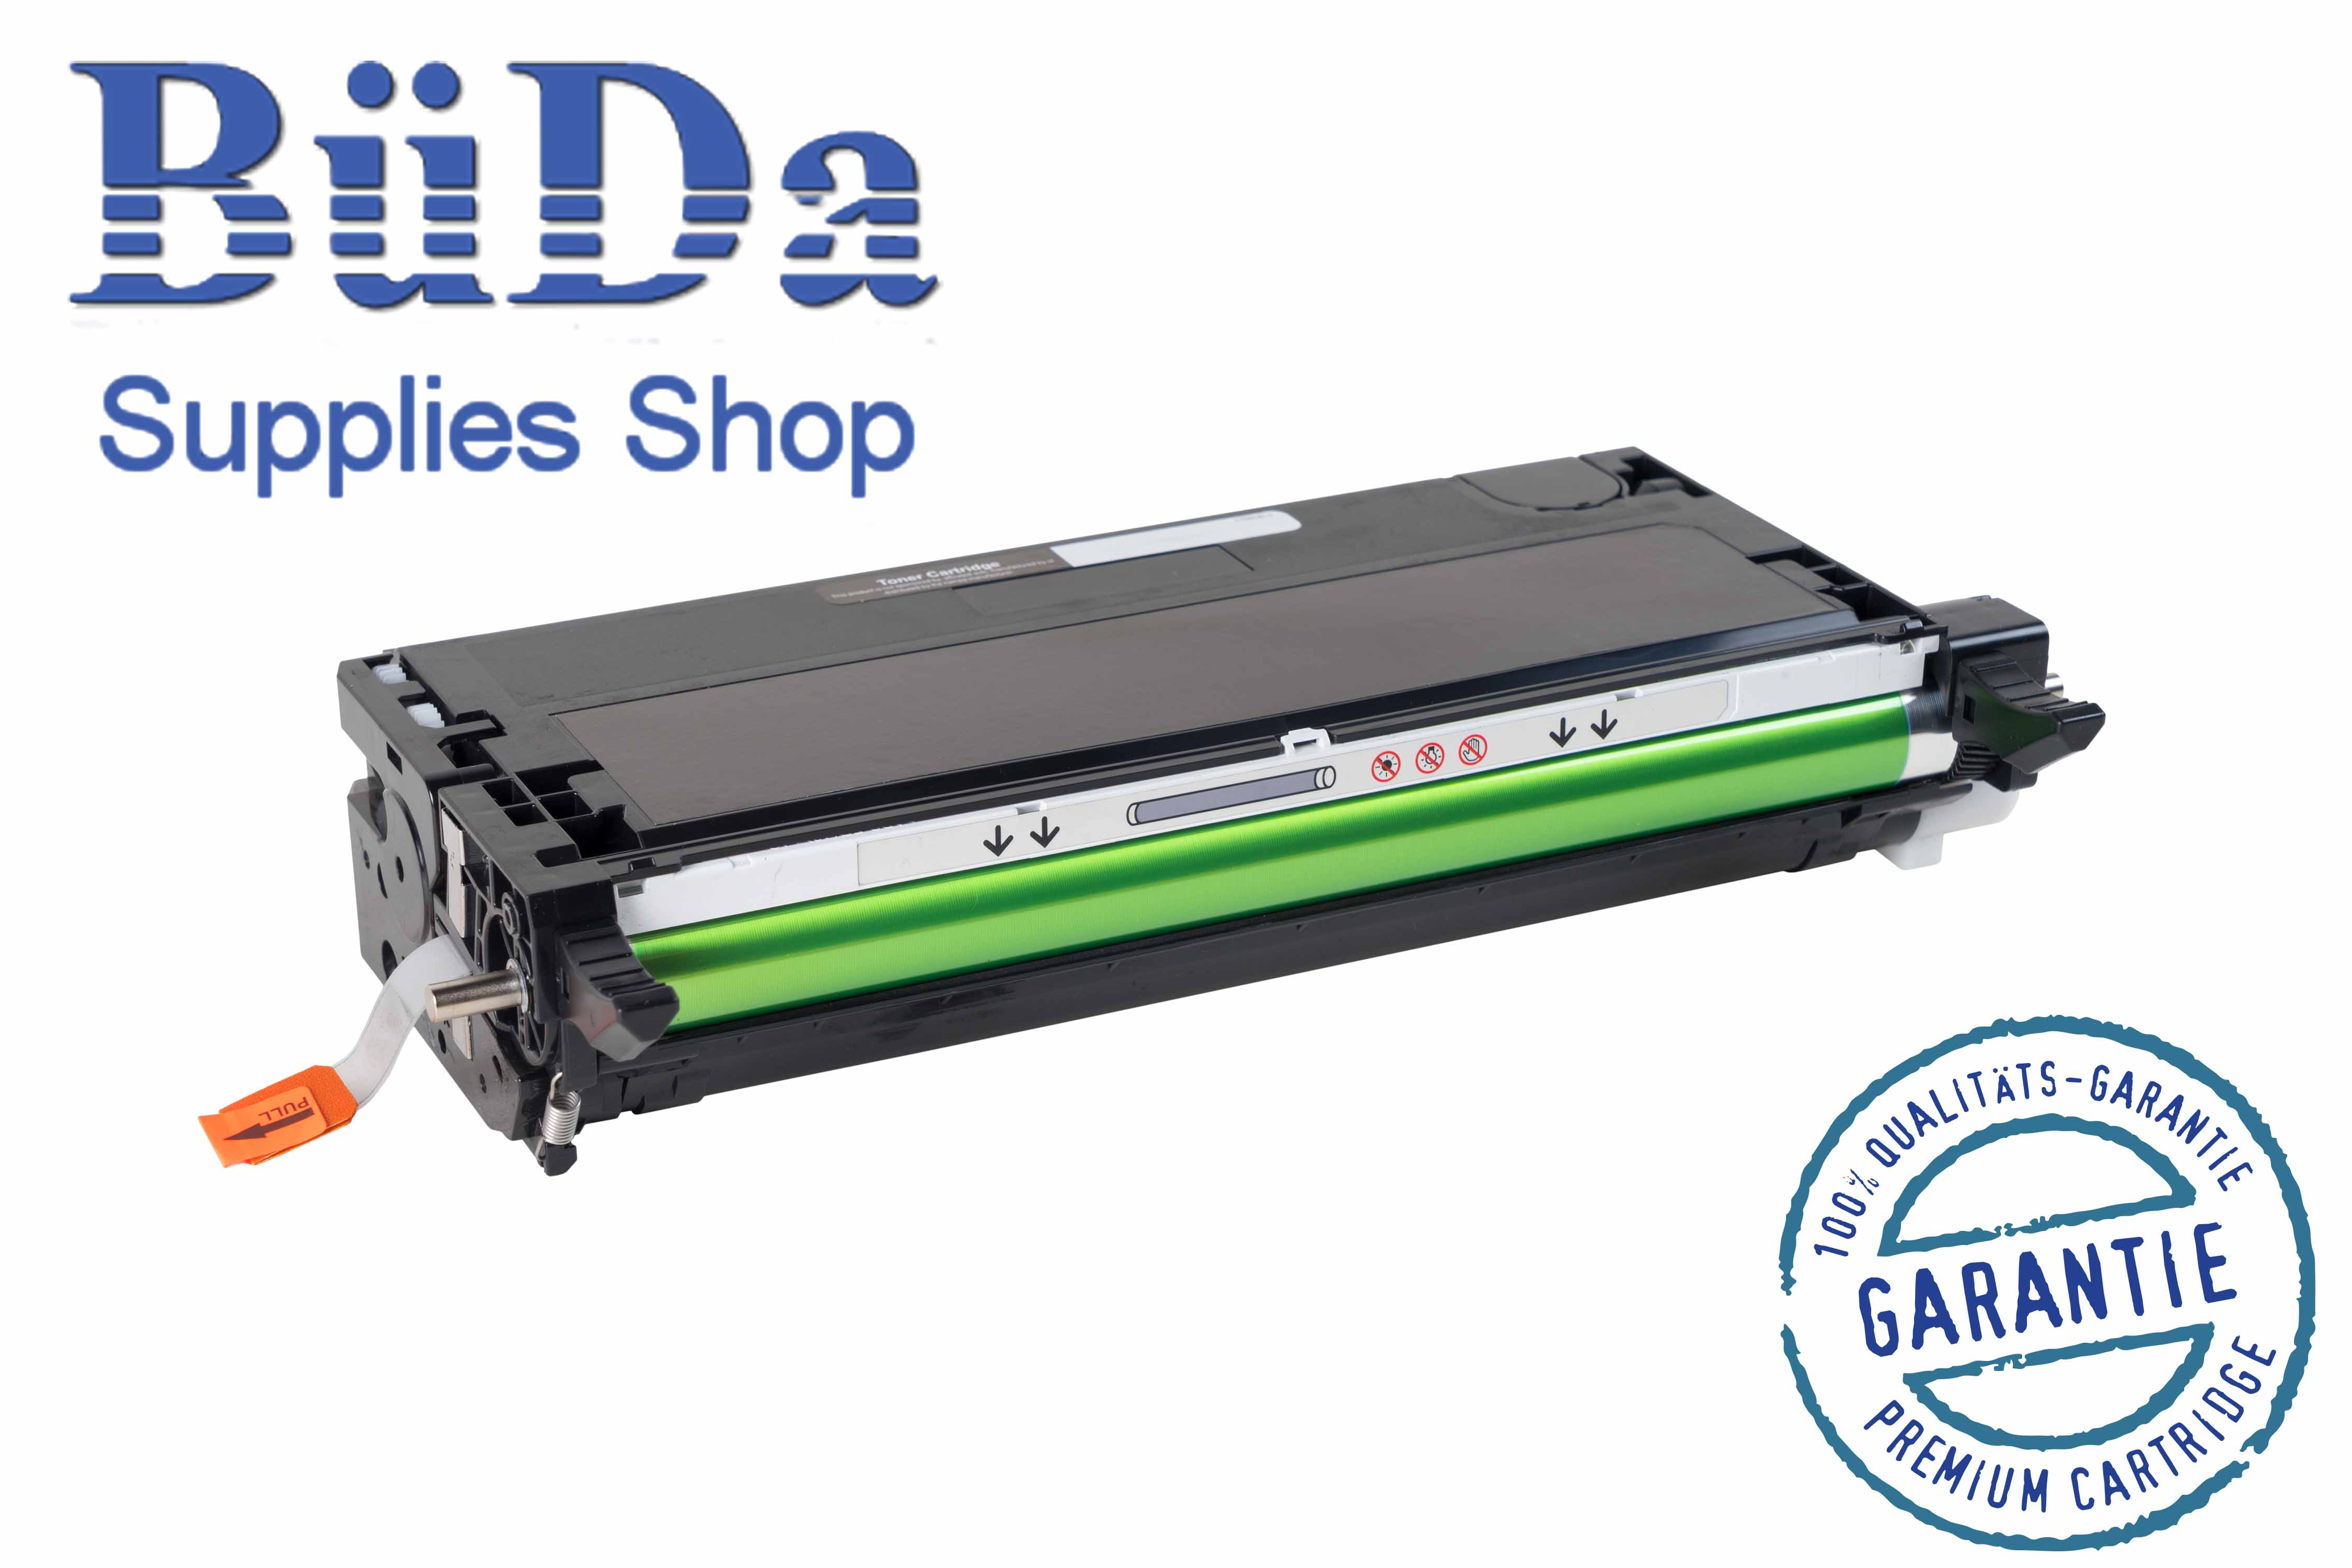 Toner-Modul komp. zu Xerox Phaser 6180 black 8000 Seiten